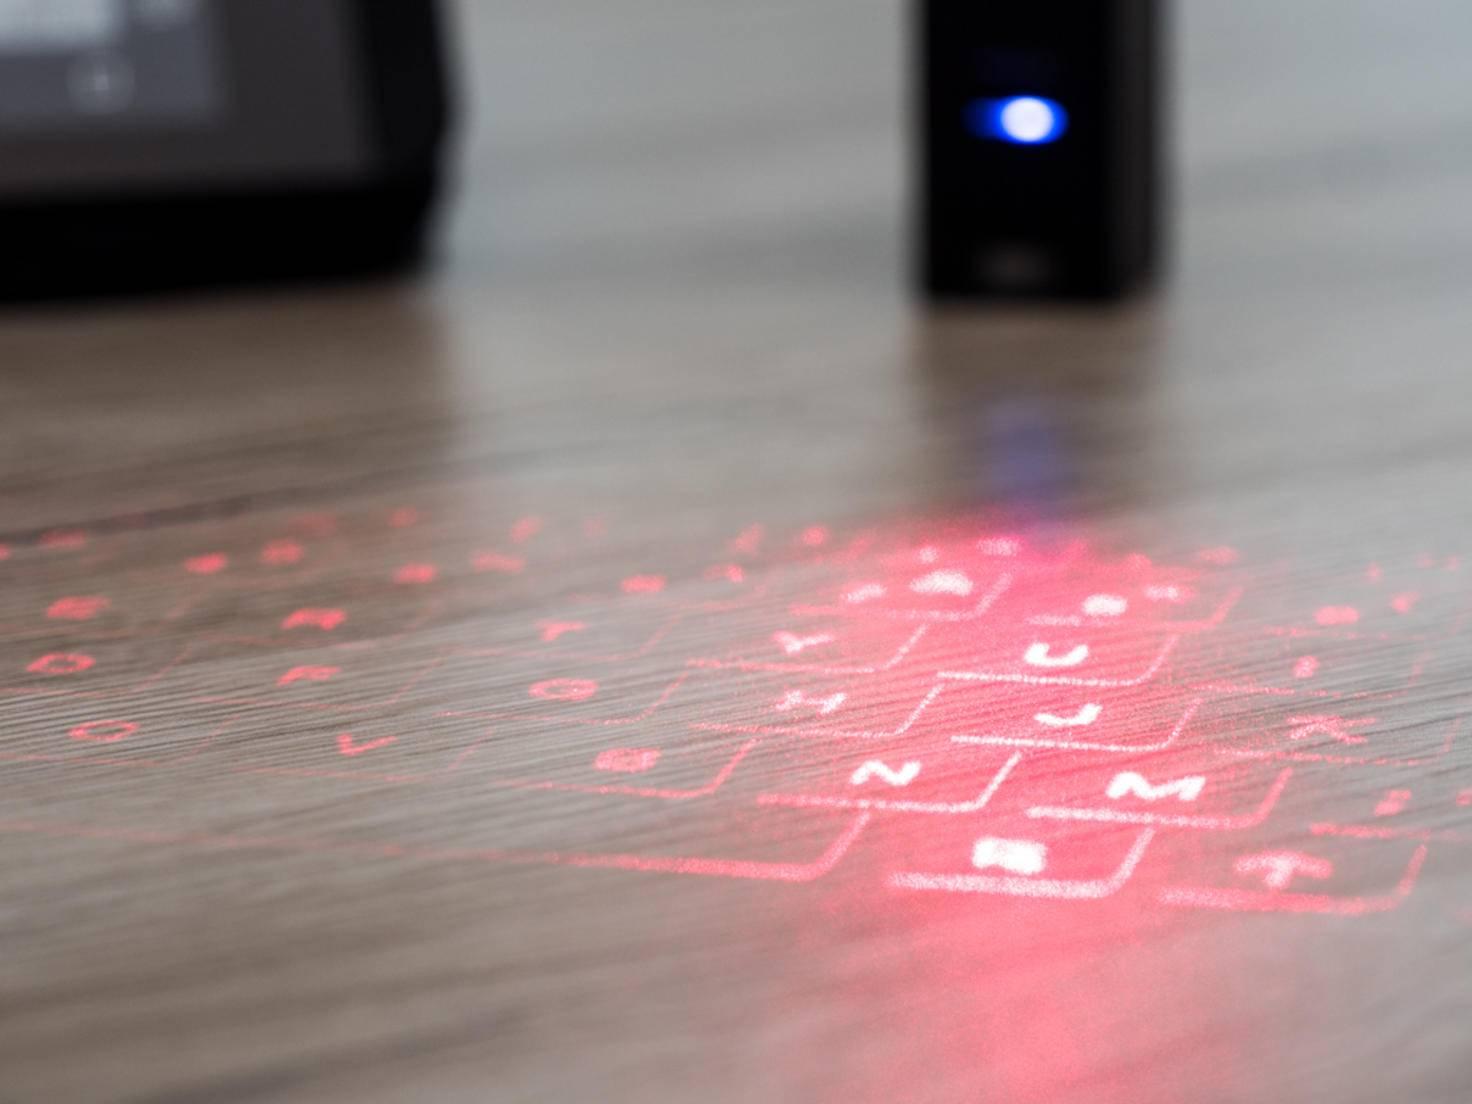 Wer mit dem Laser-Keyboard schreibt, tippt hauptsächlich auf der Tischplatte.